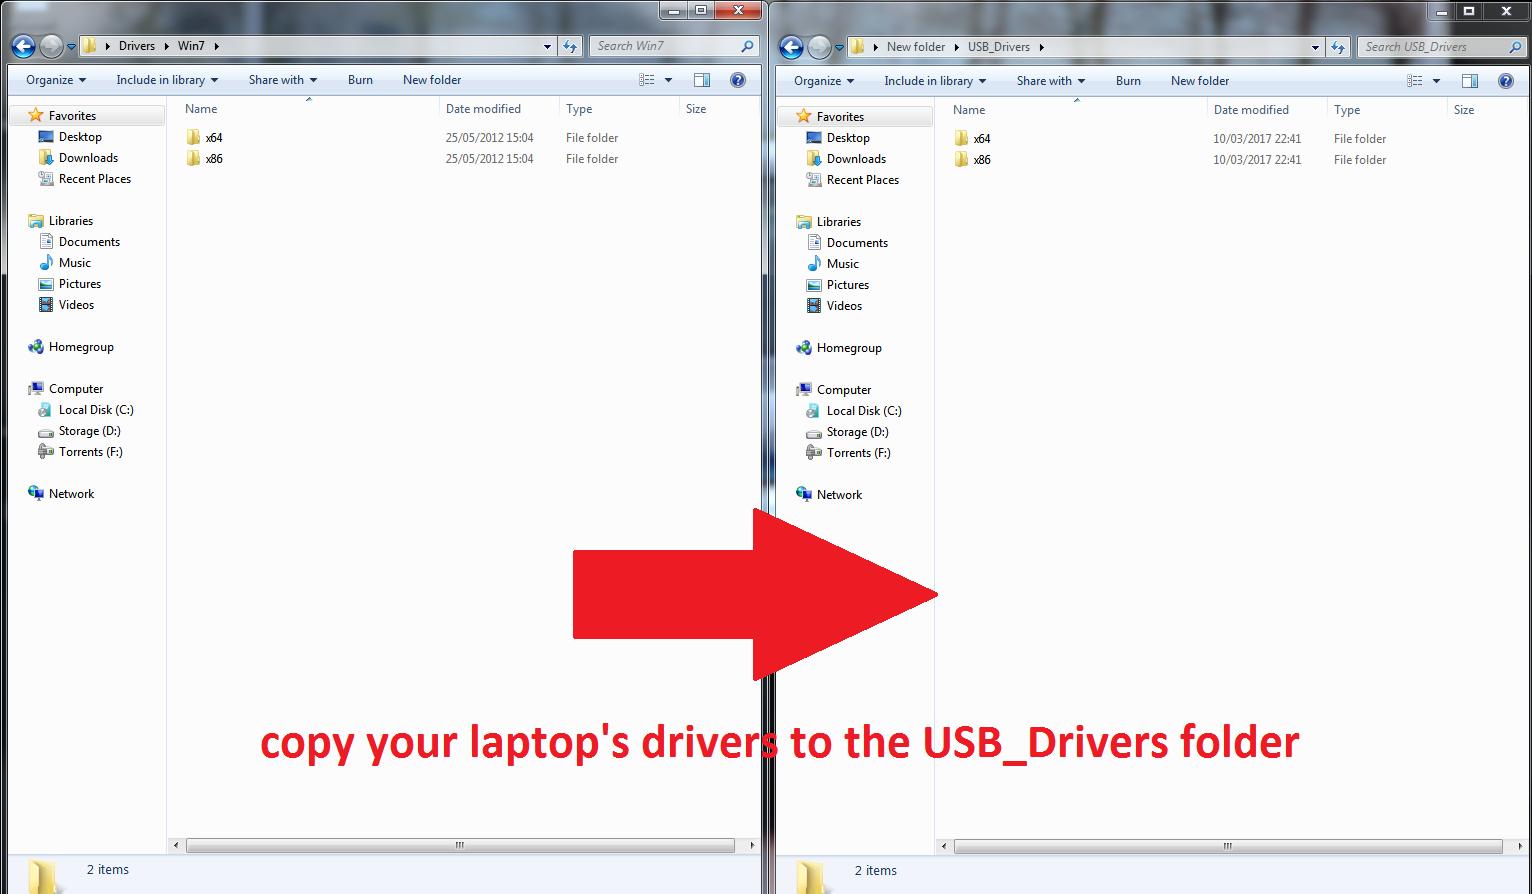 intel usb 3.0 driver windows 7 install